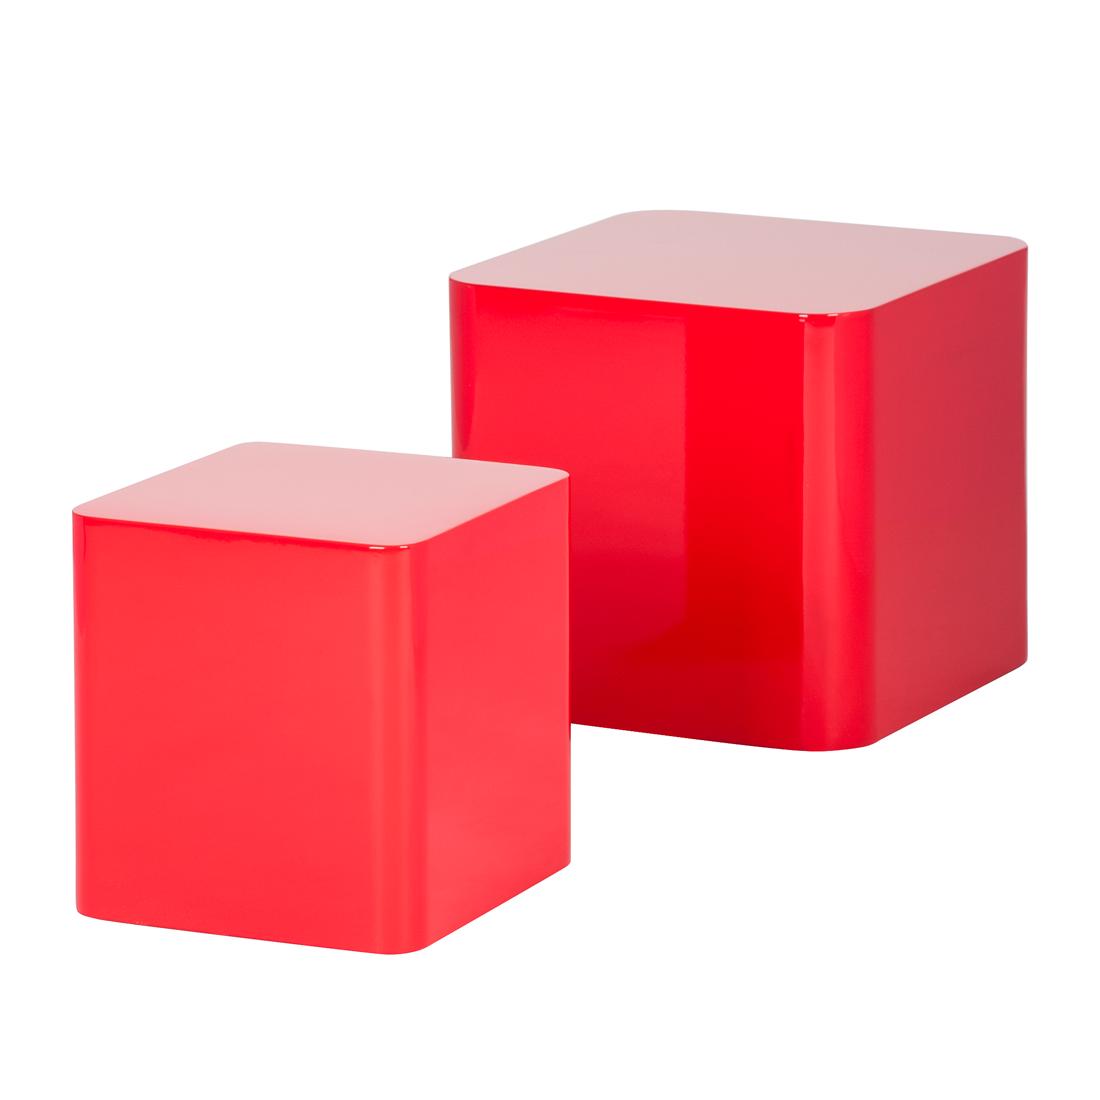 2er set beistelltisch rot hochglanz couchtisch wohnzimmer. Black Bedroom Furniture Sets. Home Design Ideas